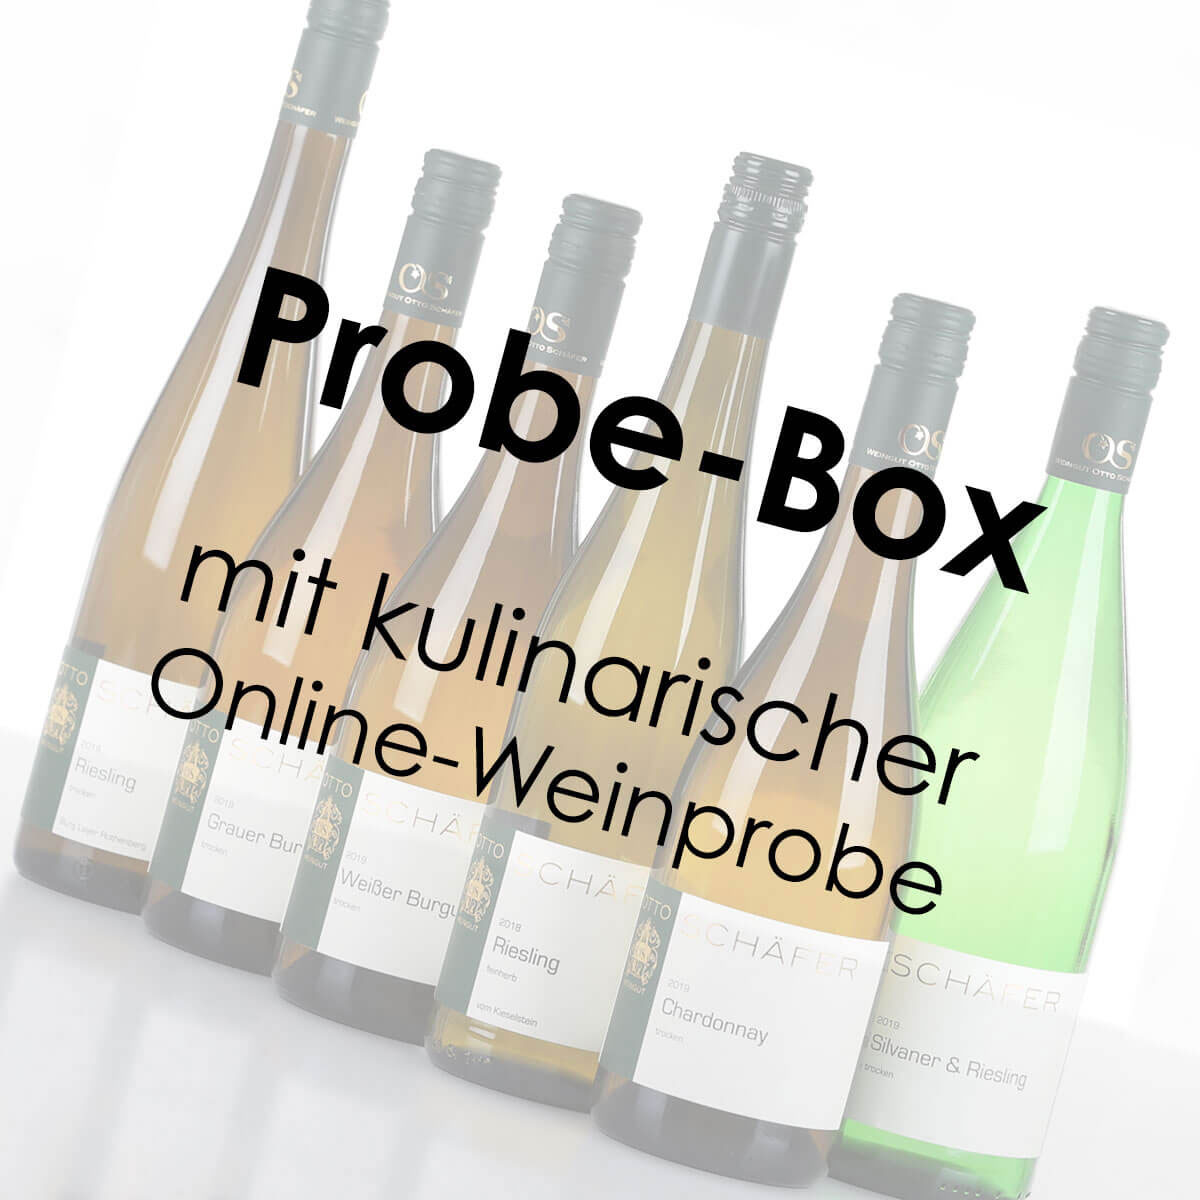 Überraschungs-Box (8 Fl.) mit kulinarischer Online-Weinprobe • Weingut Otto Schäfer